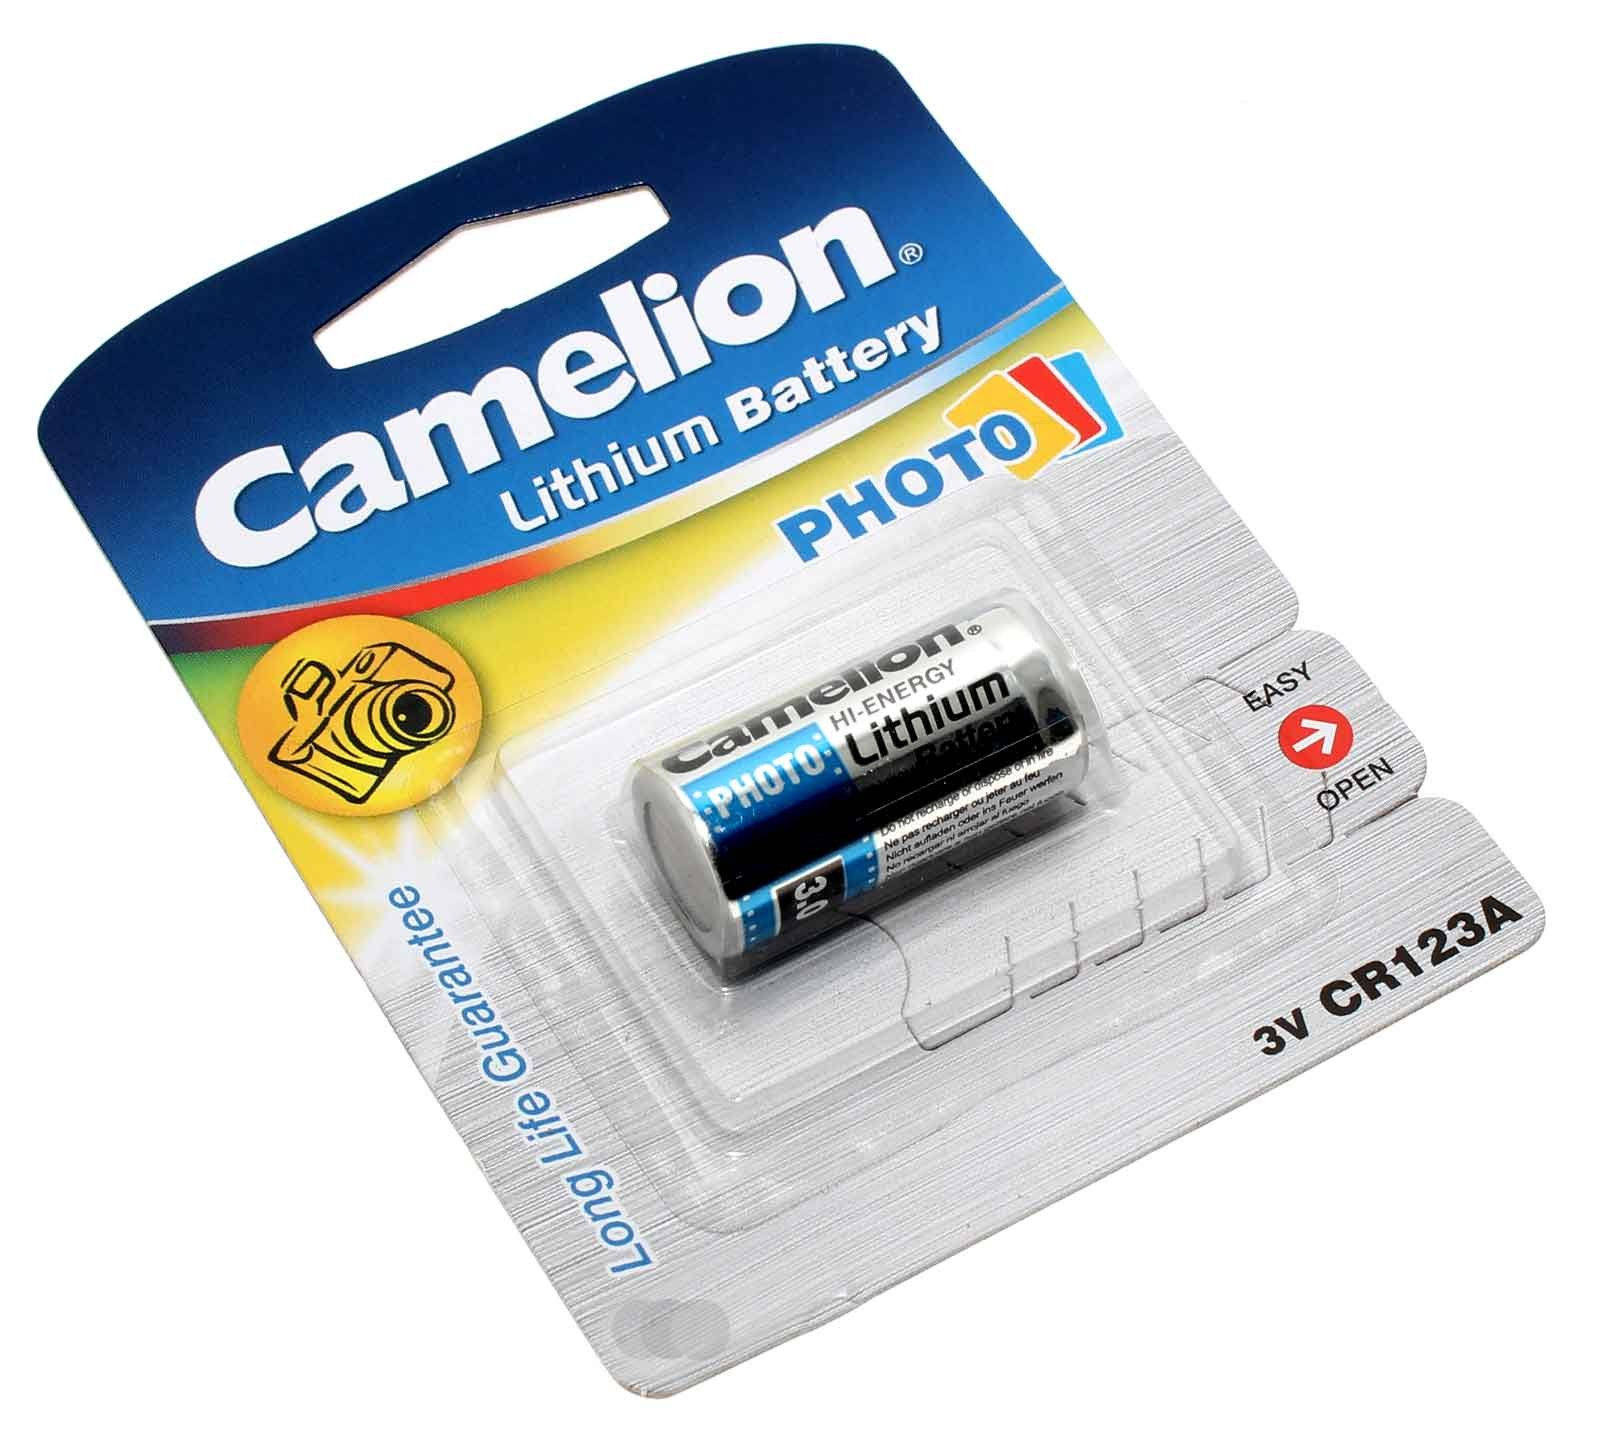 Camelion CR123A Lithium Foto Batterie, wie 5018LC, EL123AP, DL123A, CR17345 mit 3V und 1300mAh